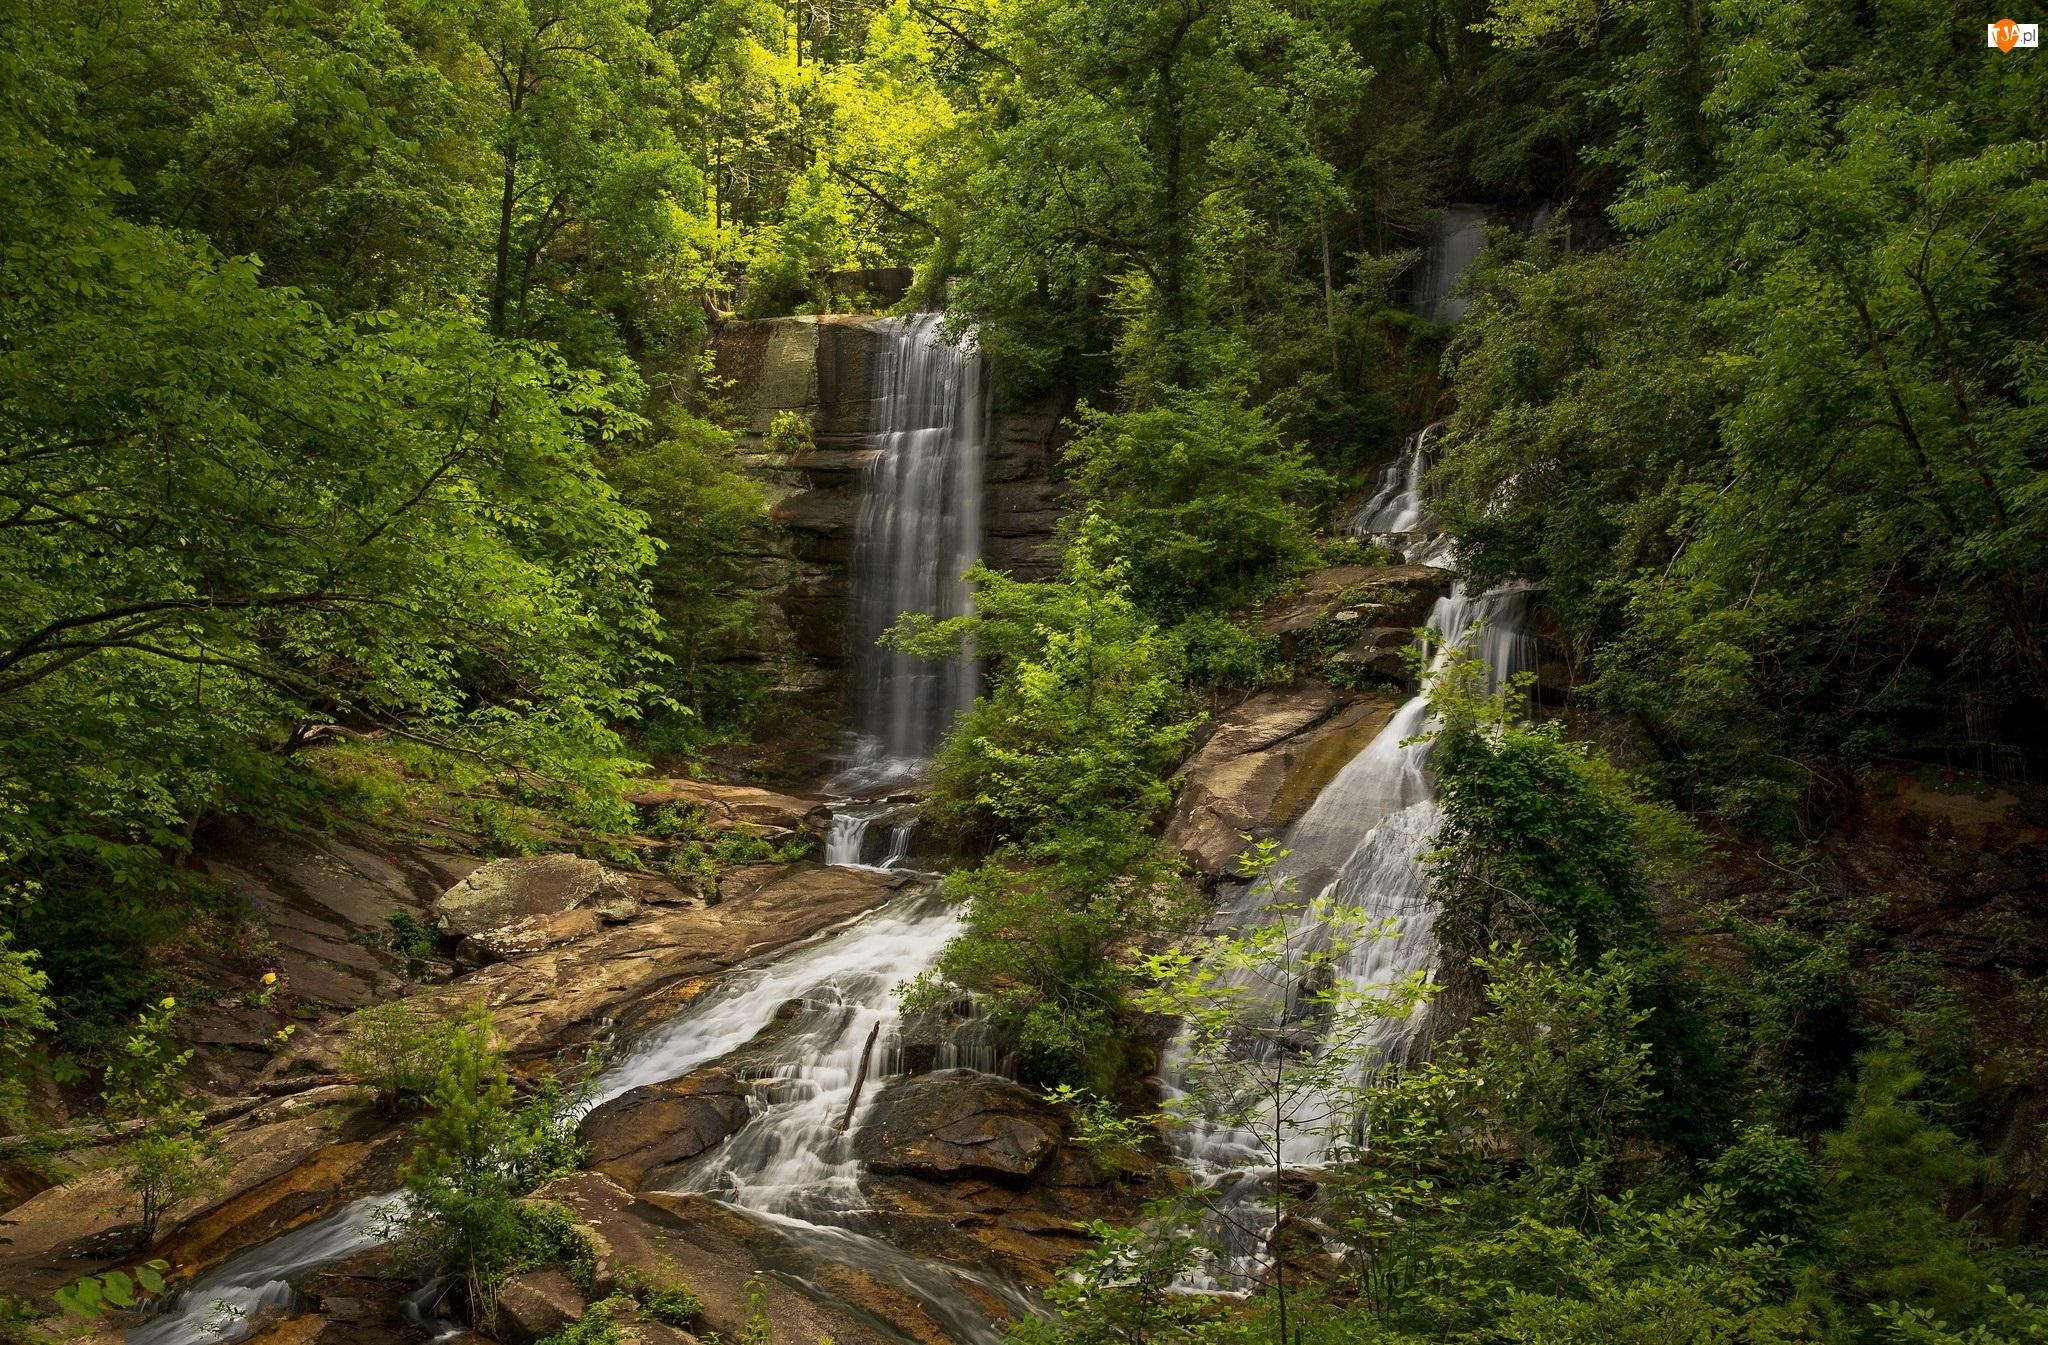 Skały, Rzeka, Las, Drzewa, Wodospad